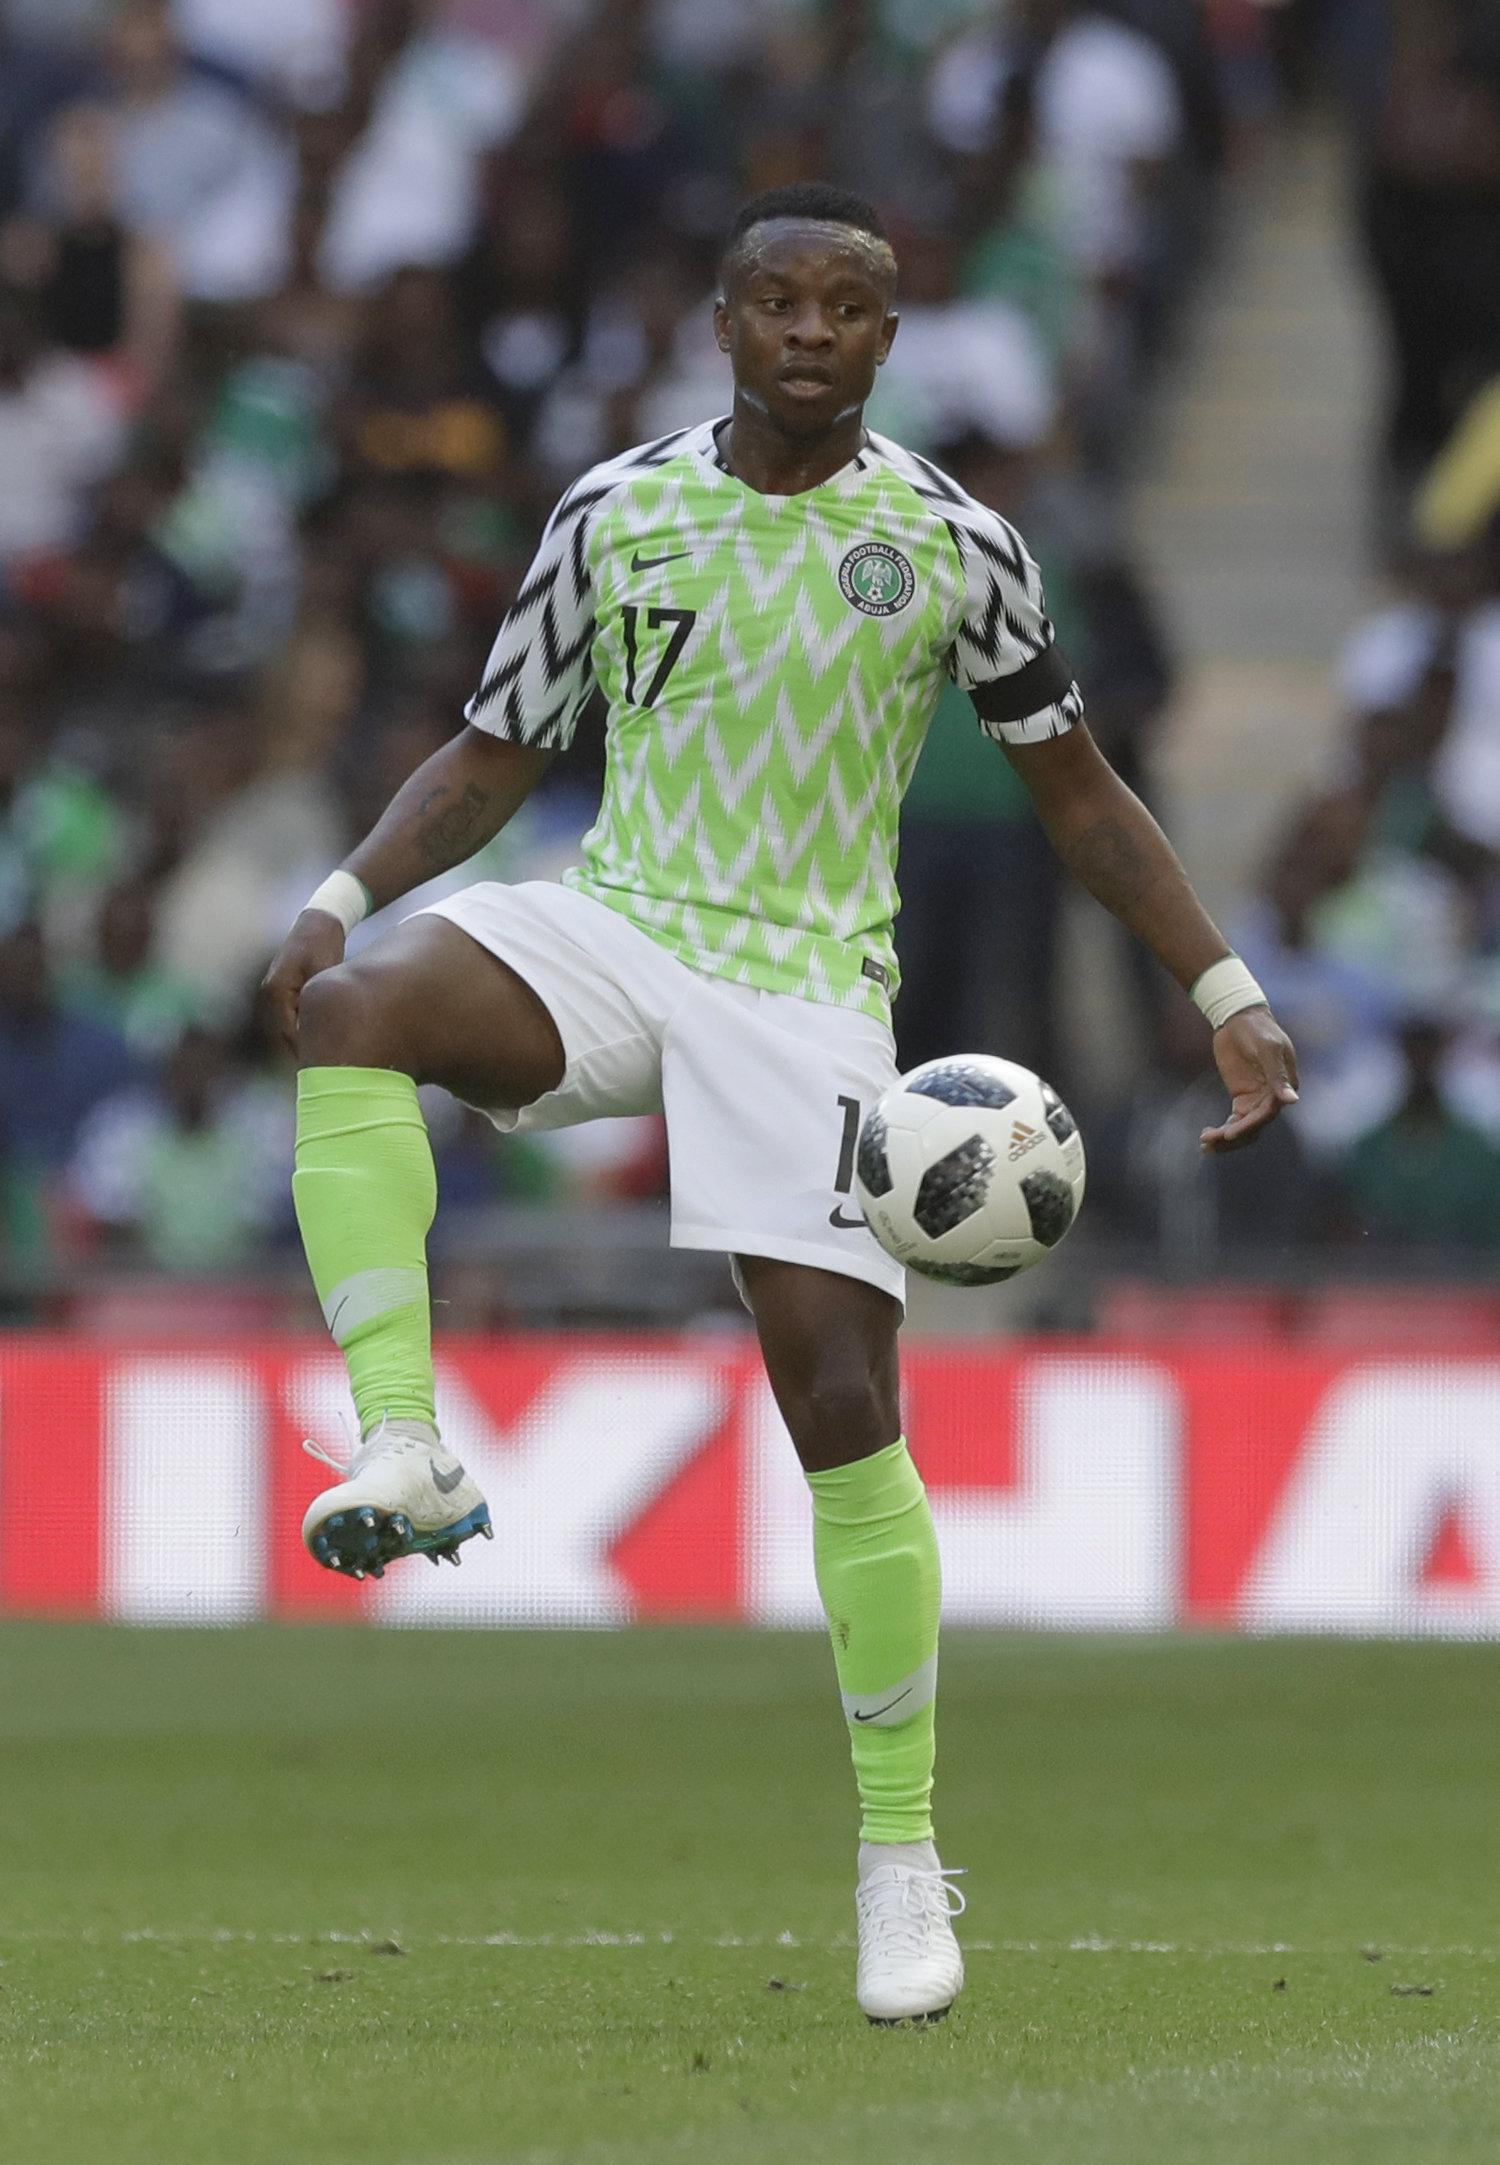 Camiseta de la selección de fútbol de Nigeria para la Copa Mundial de Fútbol Rusia 2018.